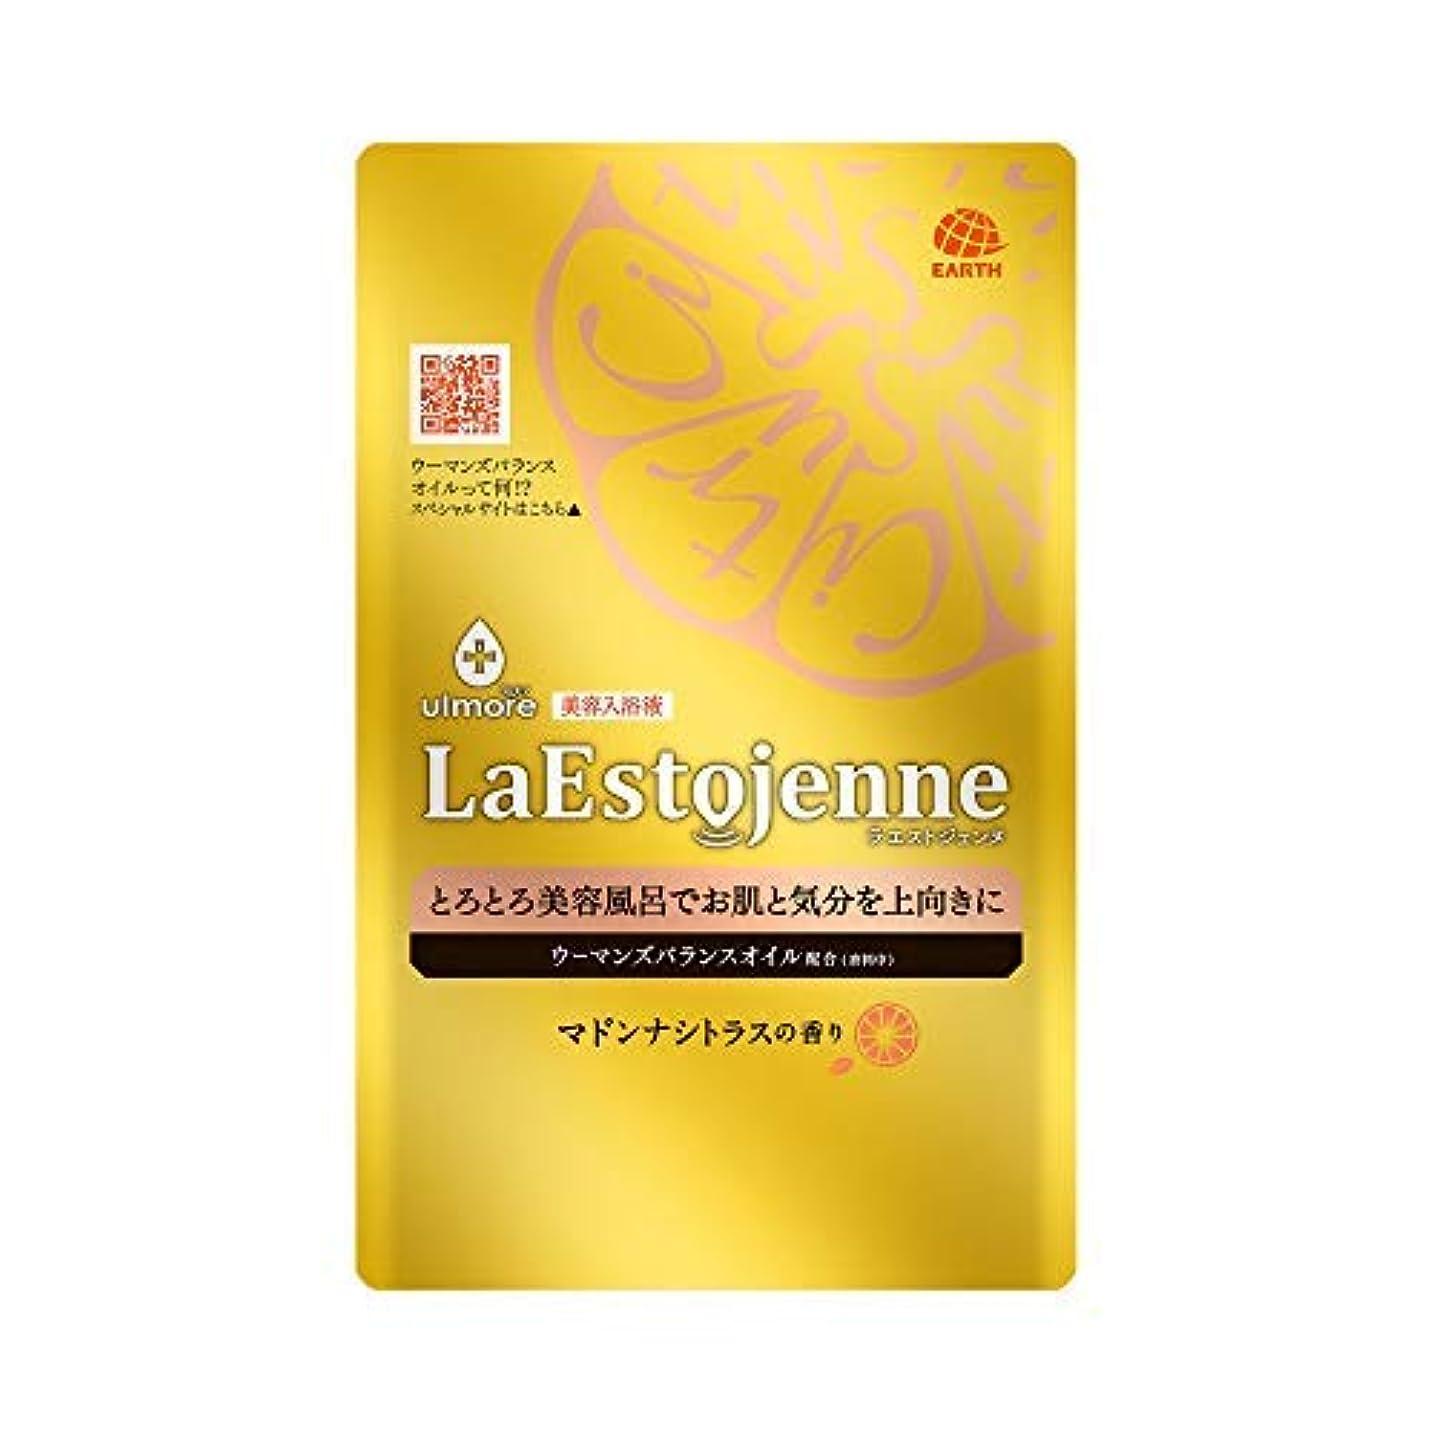 困惑する成長する系譜ウルモア ラエストジェンヌ マドンナシトラスの香り 1包 × 10個セット